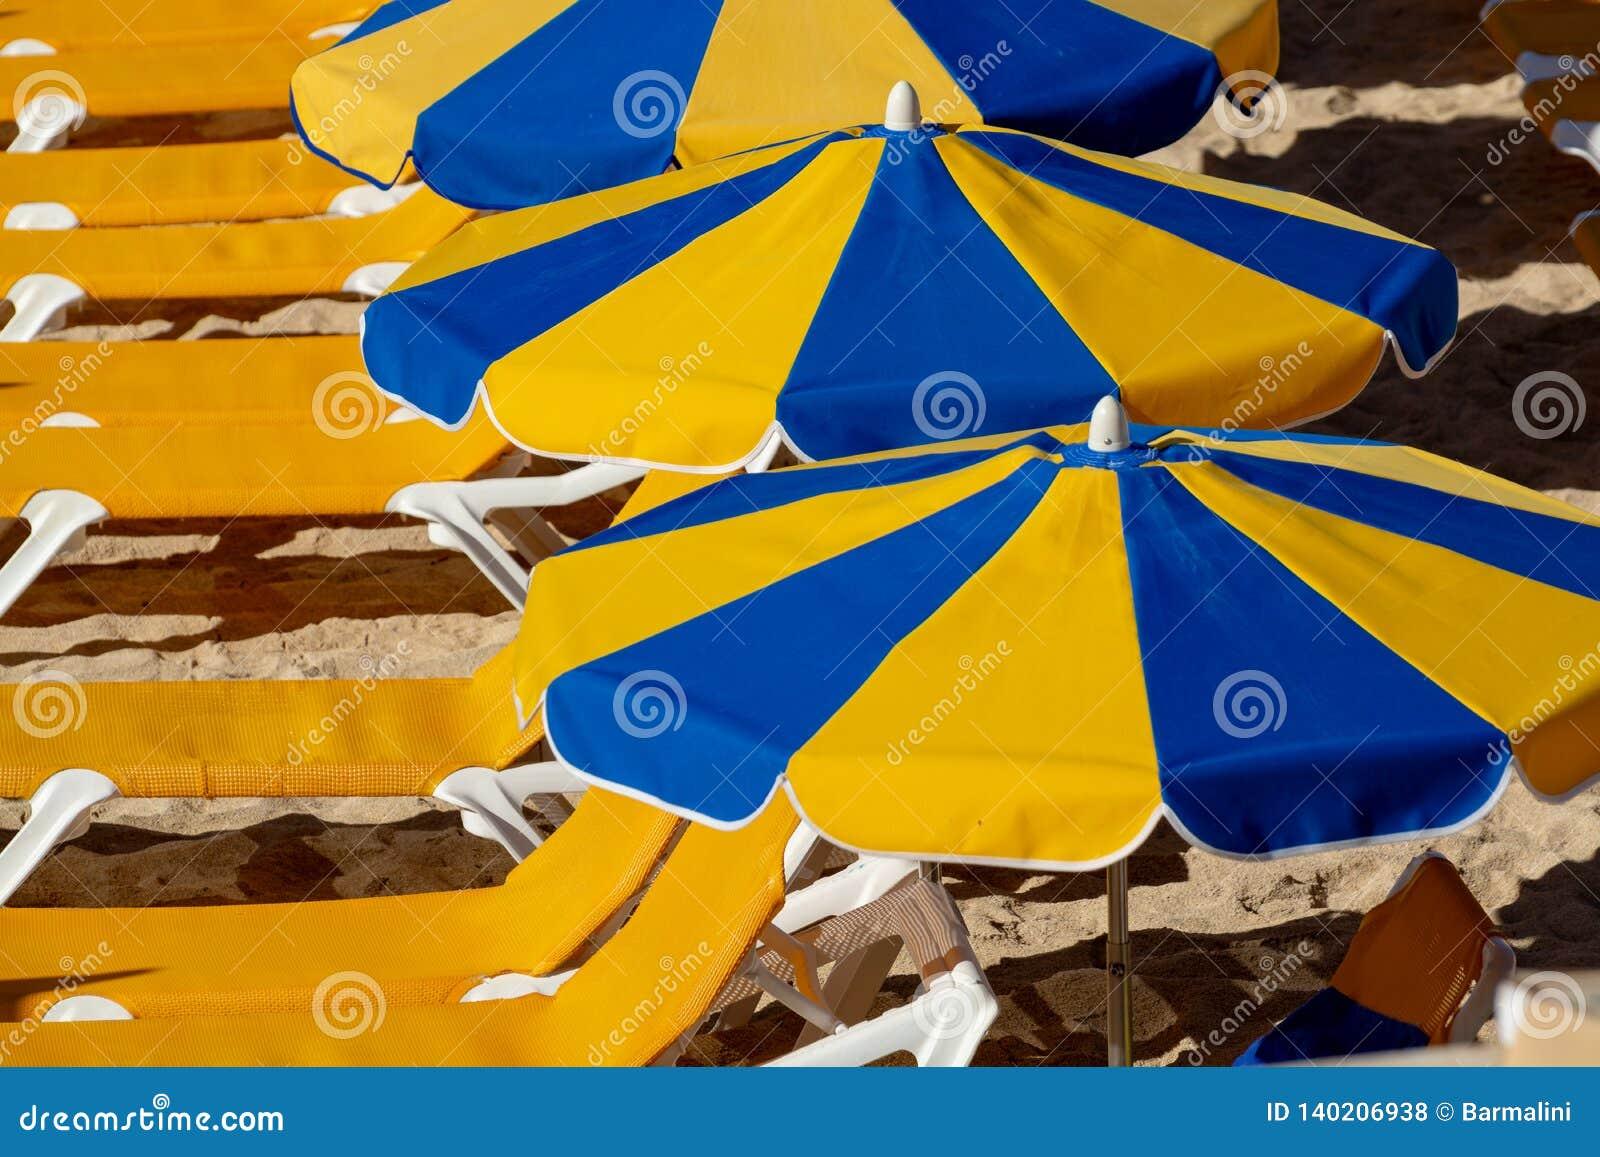 Overvol strand met zonparaplu s en stoelen die op toeristen, betaald de dienst op stranden wachten